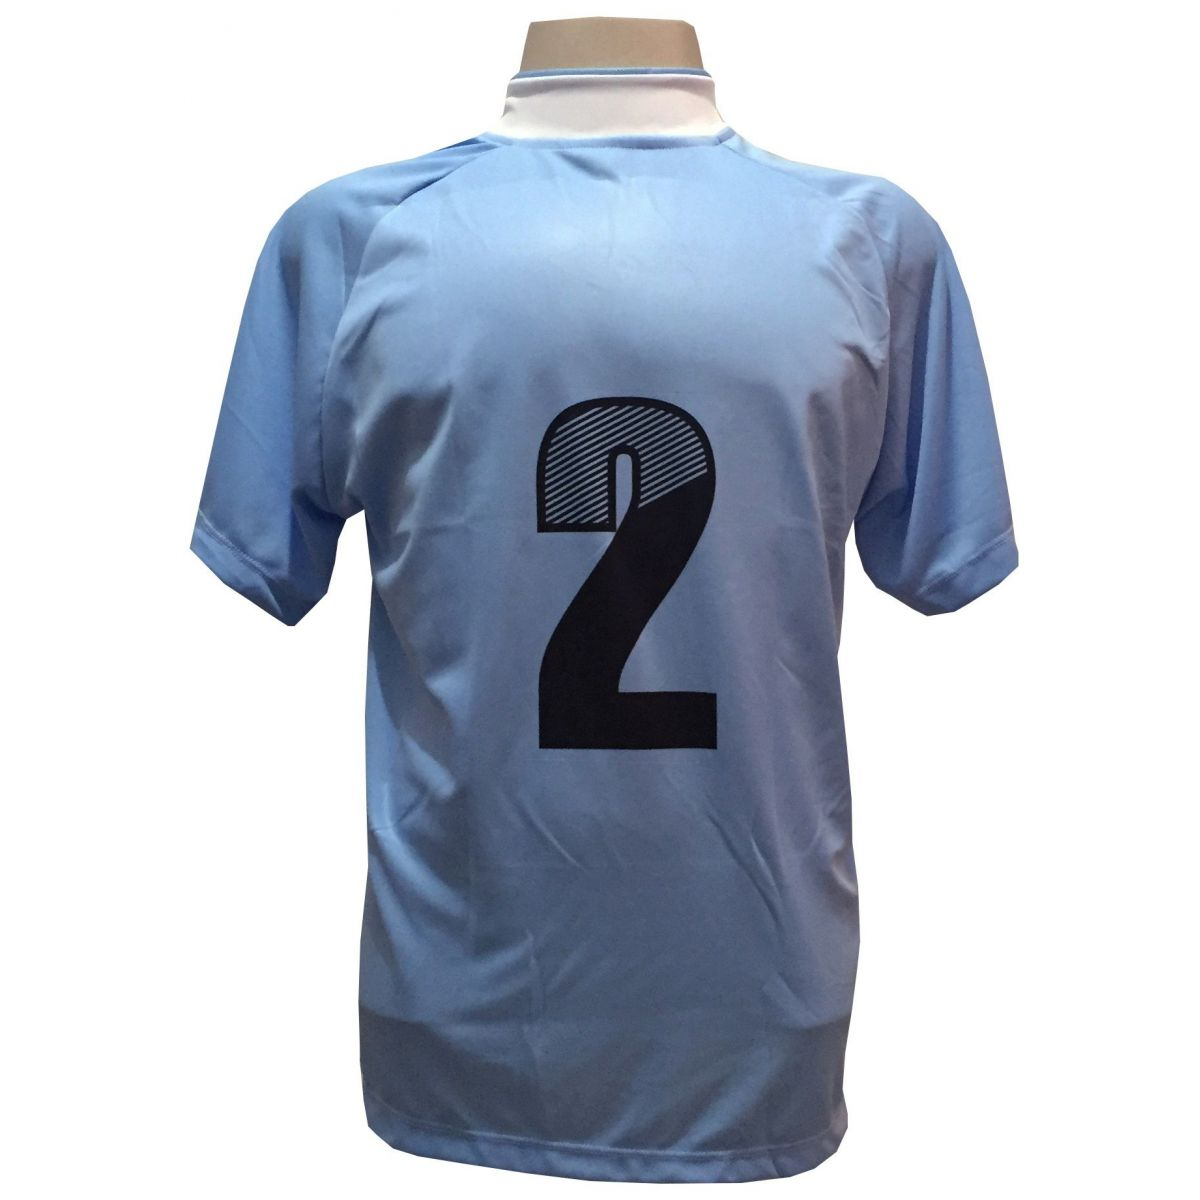 Uniforme Esportivo com 12 Camisas modelo Milan Celeste/Branco + 12 Calções modelo Madrid Preto